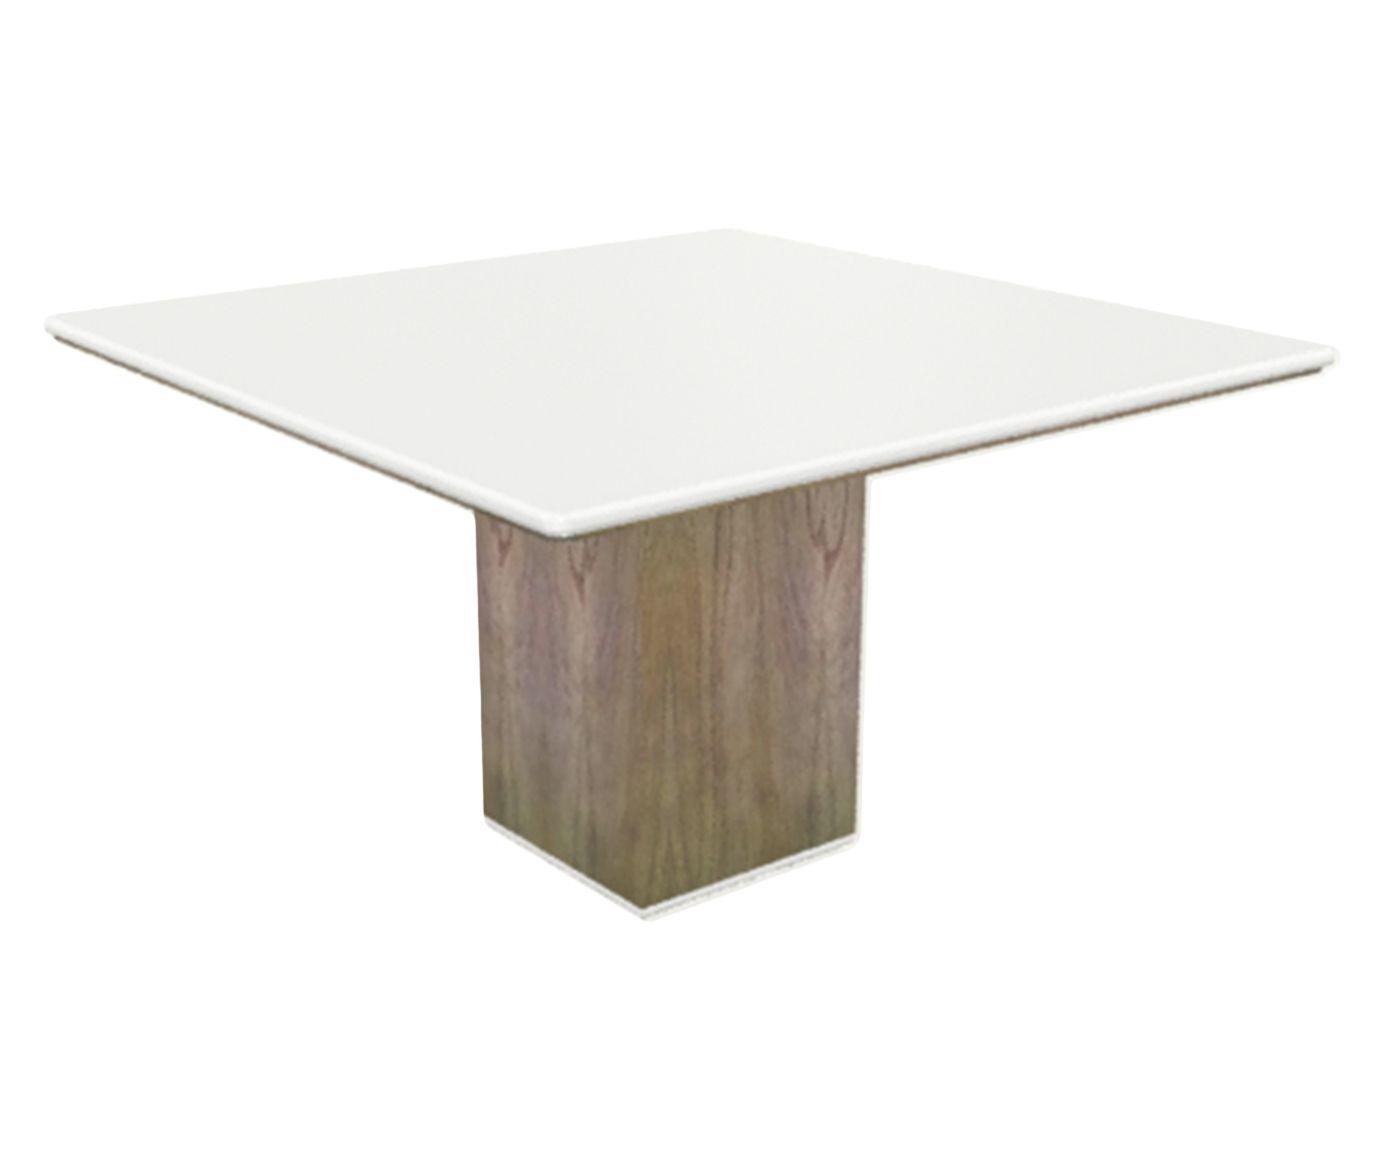 Mesa de Jantar Cananeia Branca - 100x100cm | Westwing.com.br